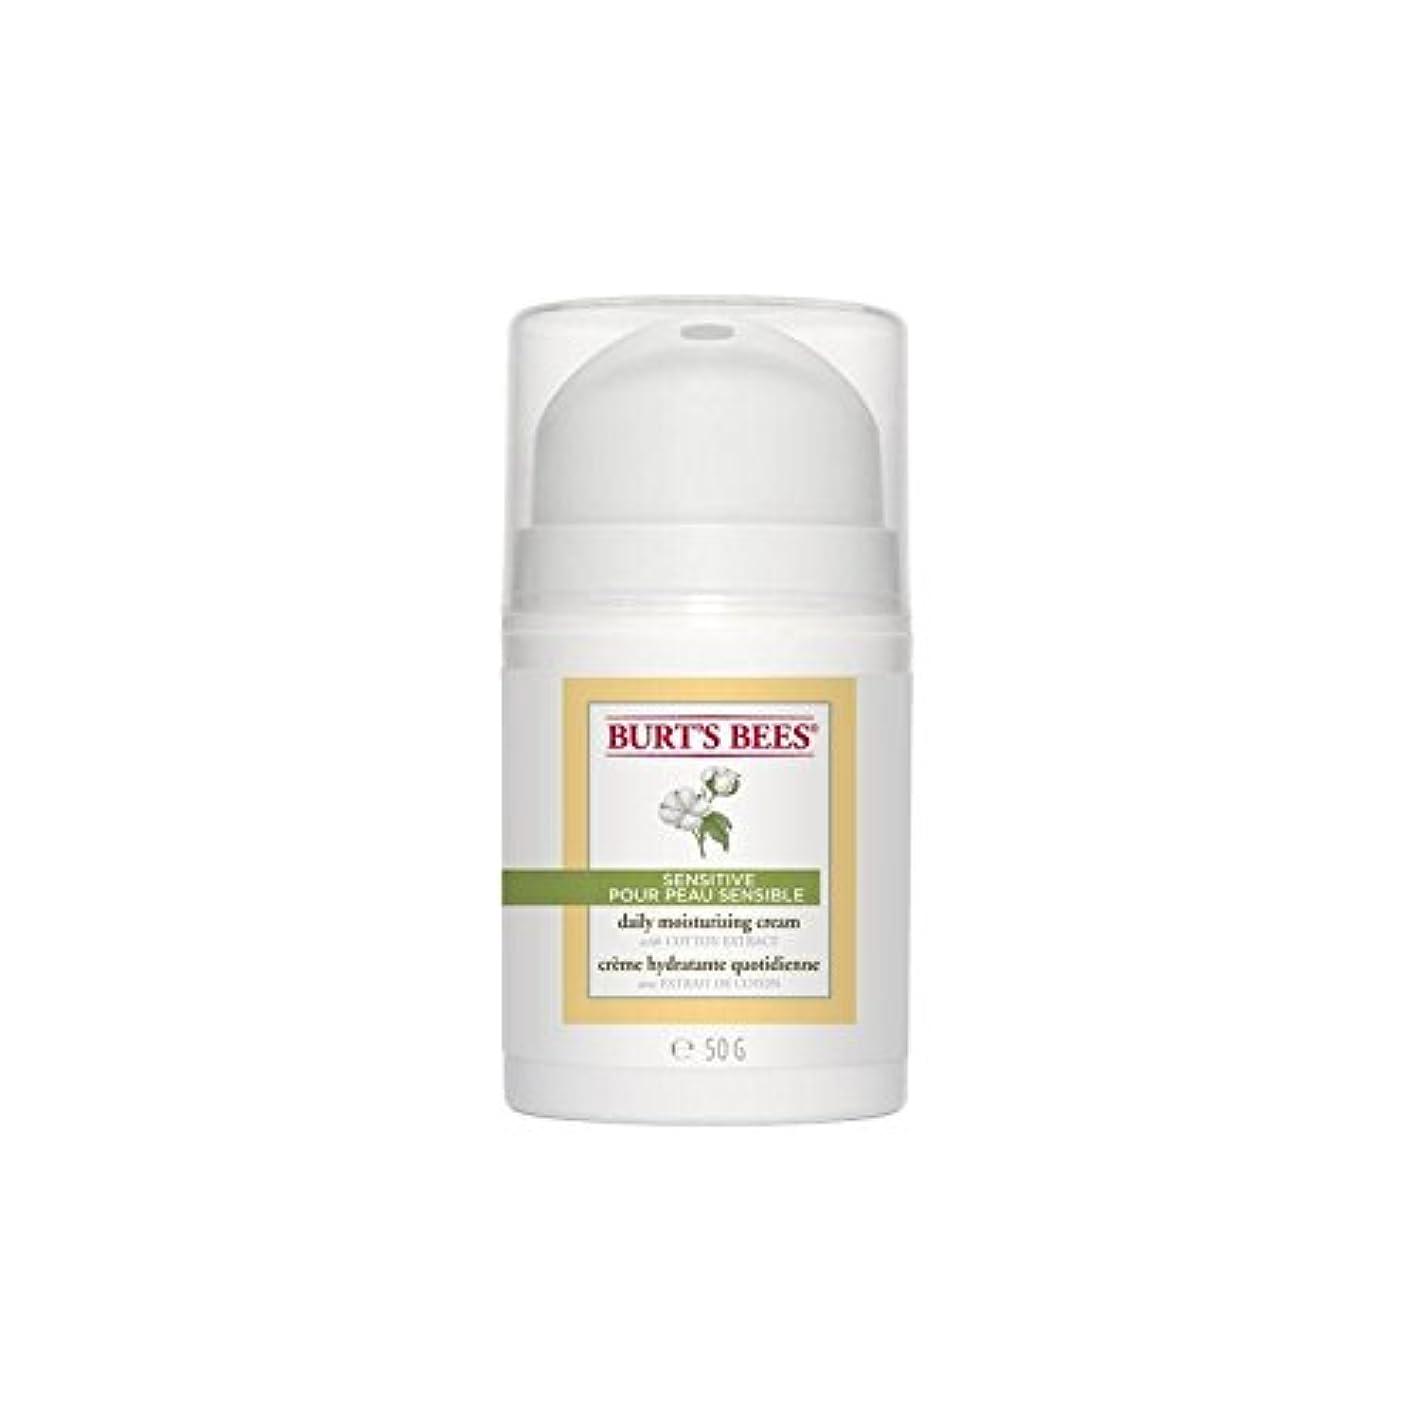 ポルトガル語ヘア動物バーツビー敏感毎日保湿クリーム50グラム x2 - Burt's Bees Sensitive Daily Moisturising Cream 50G (Pack of 2) [並行輸入品]